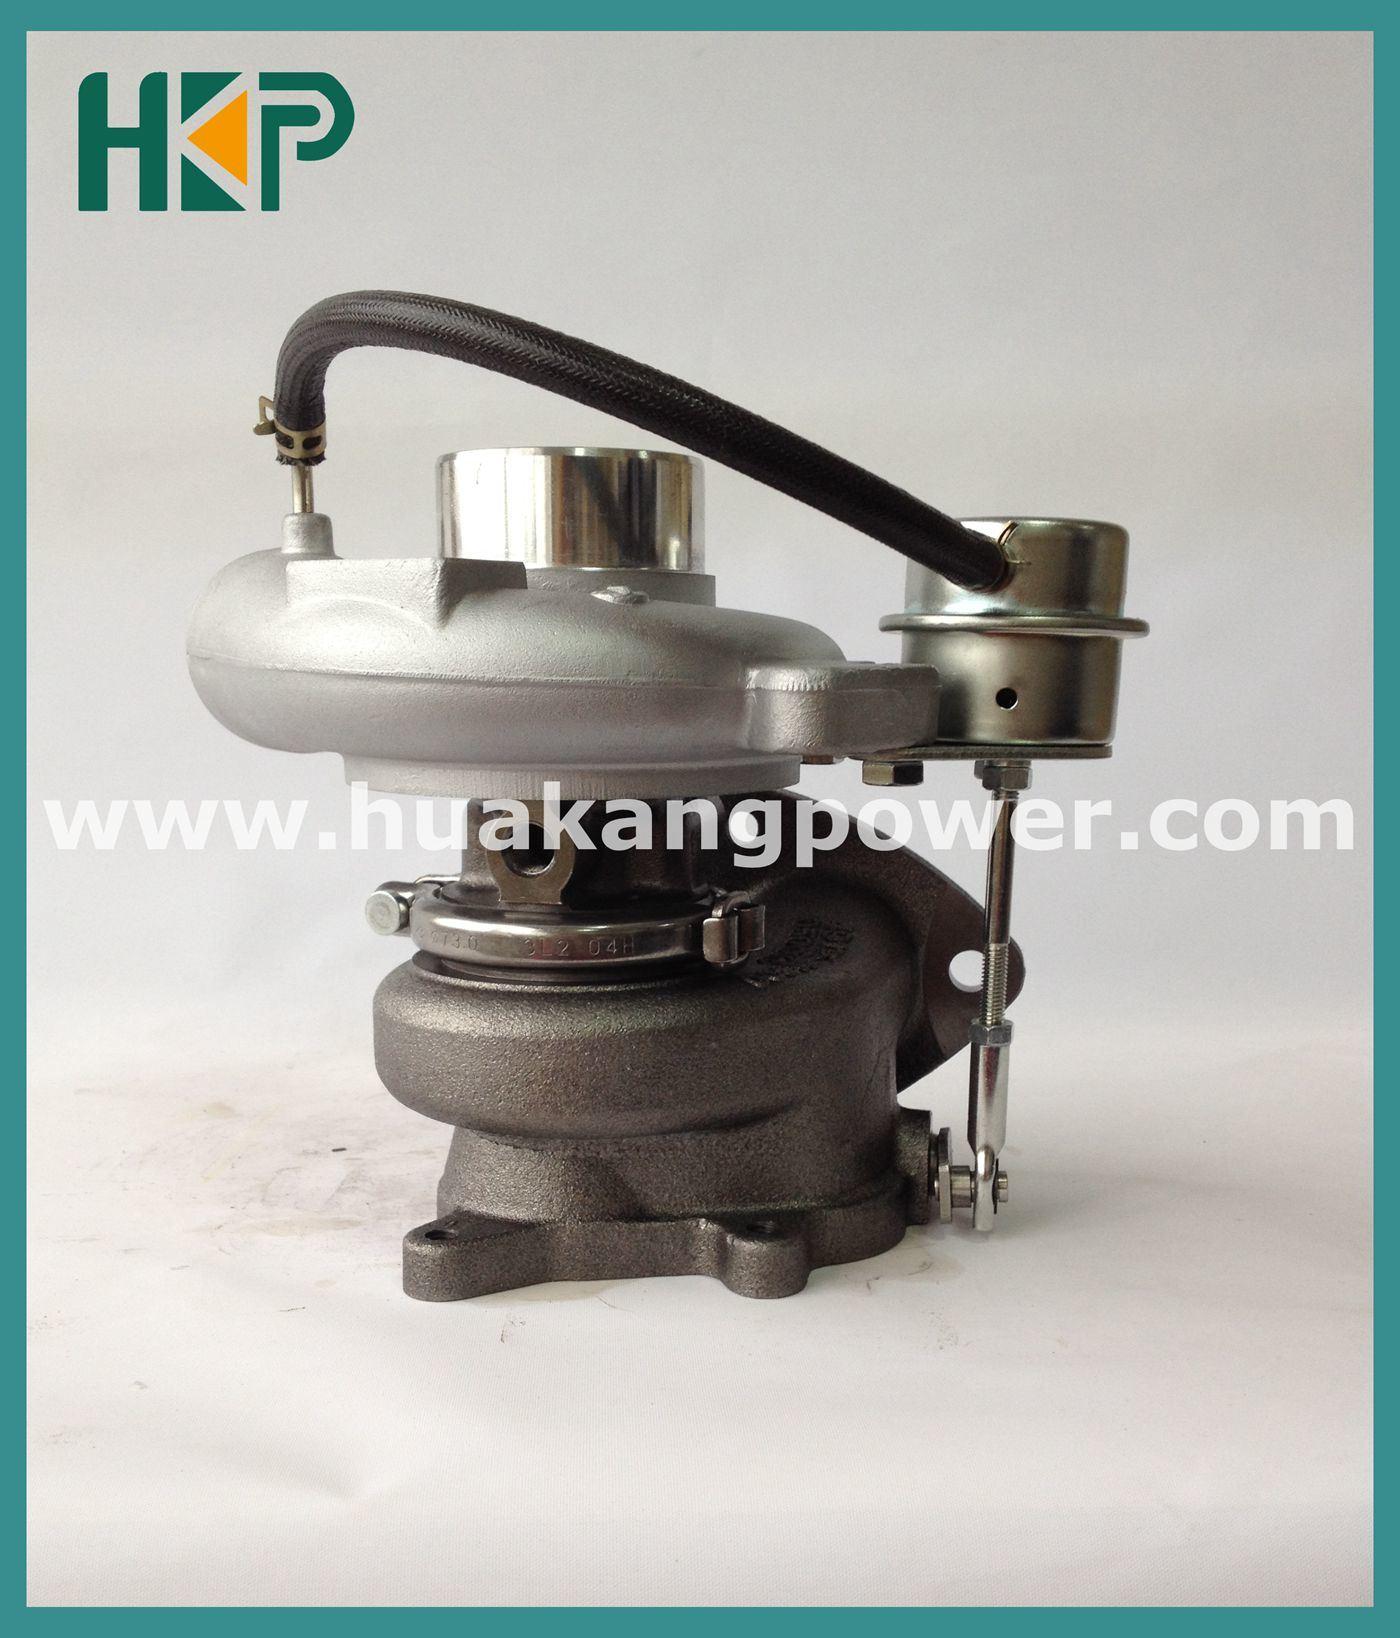 TF035 OEM 1118100-E06 Part Number 49135-06700 Turbo/Turbocharger